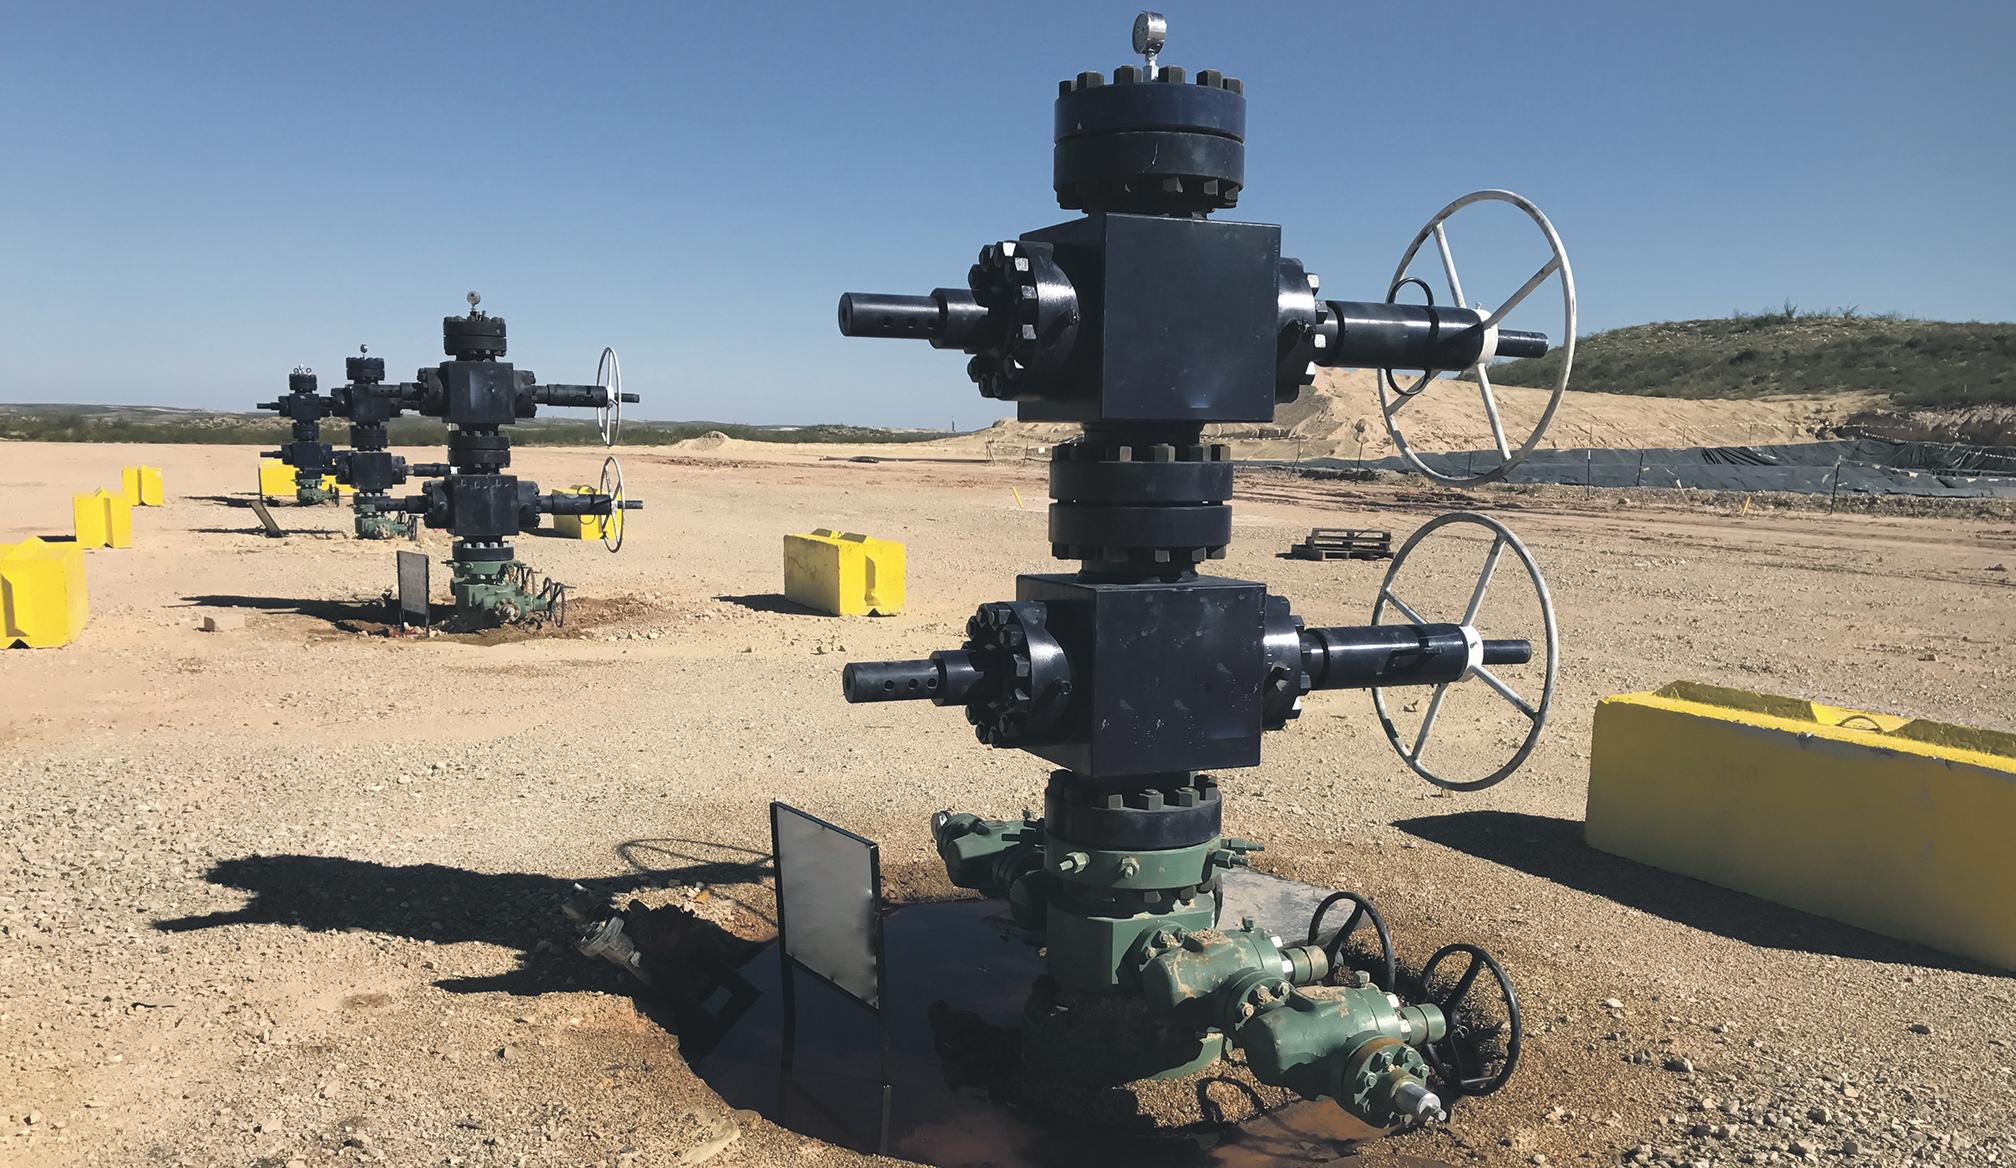 petrole-puits-h310-p-24-texas-nouveau-mexique-schiste 20200310082917